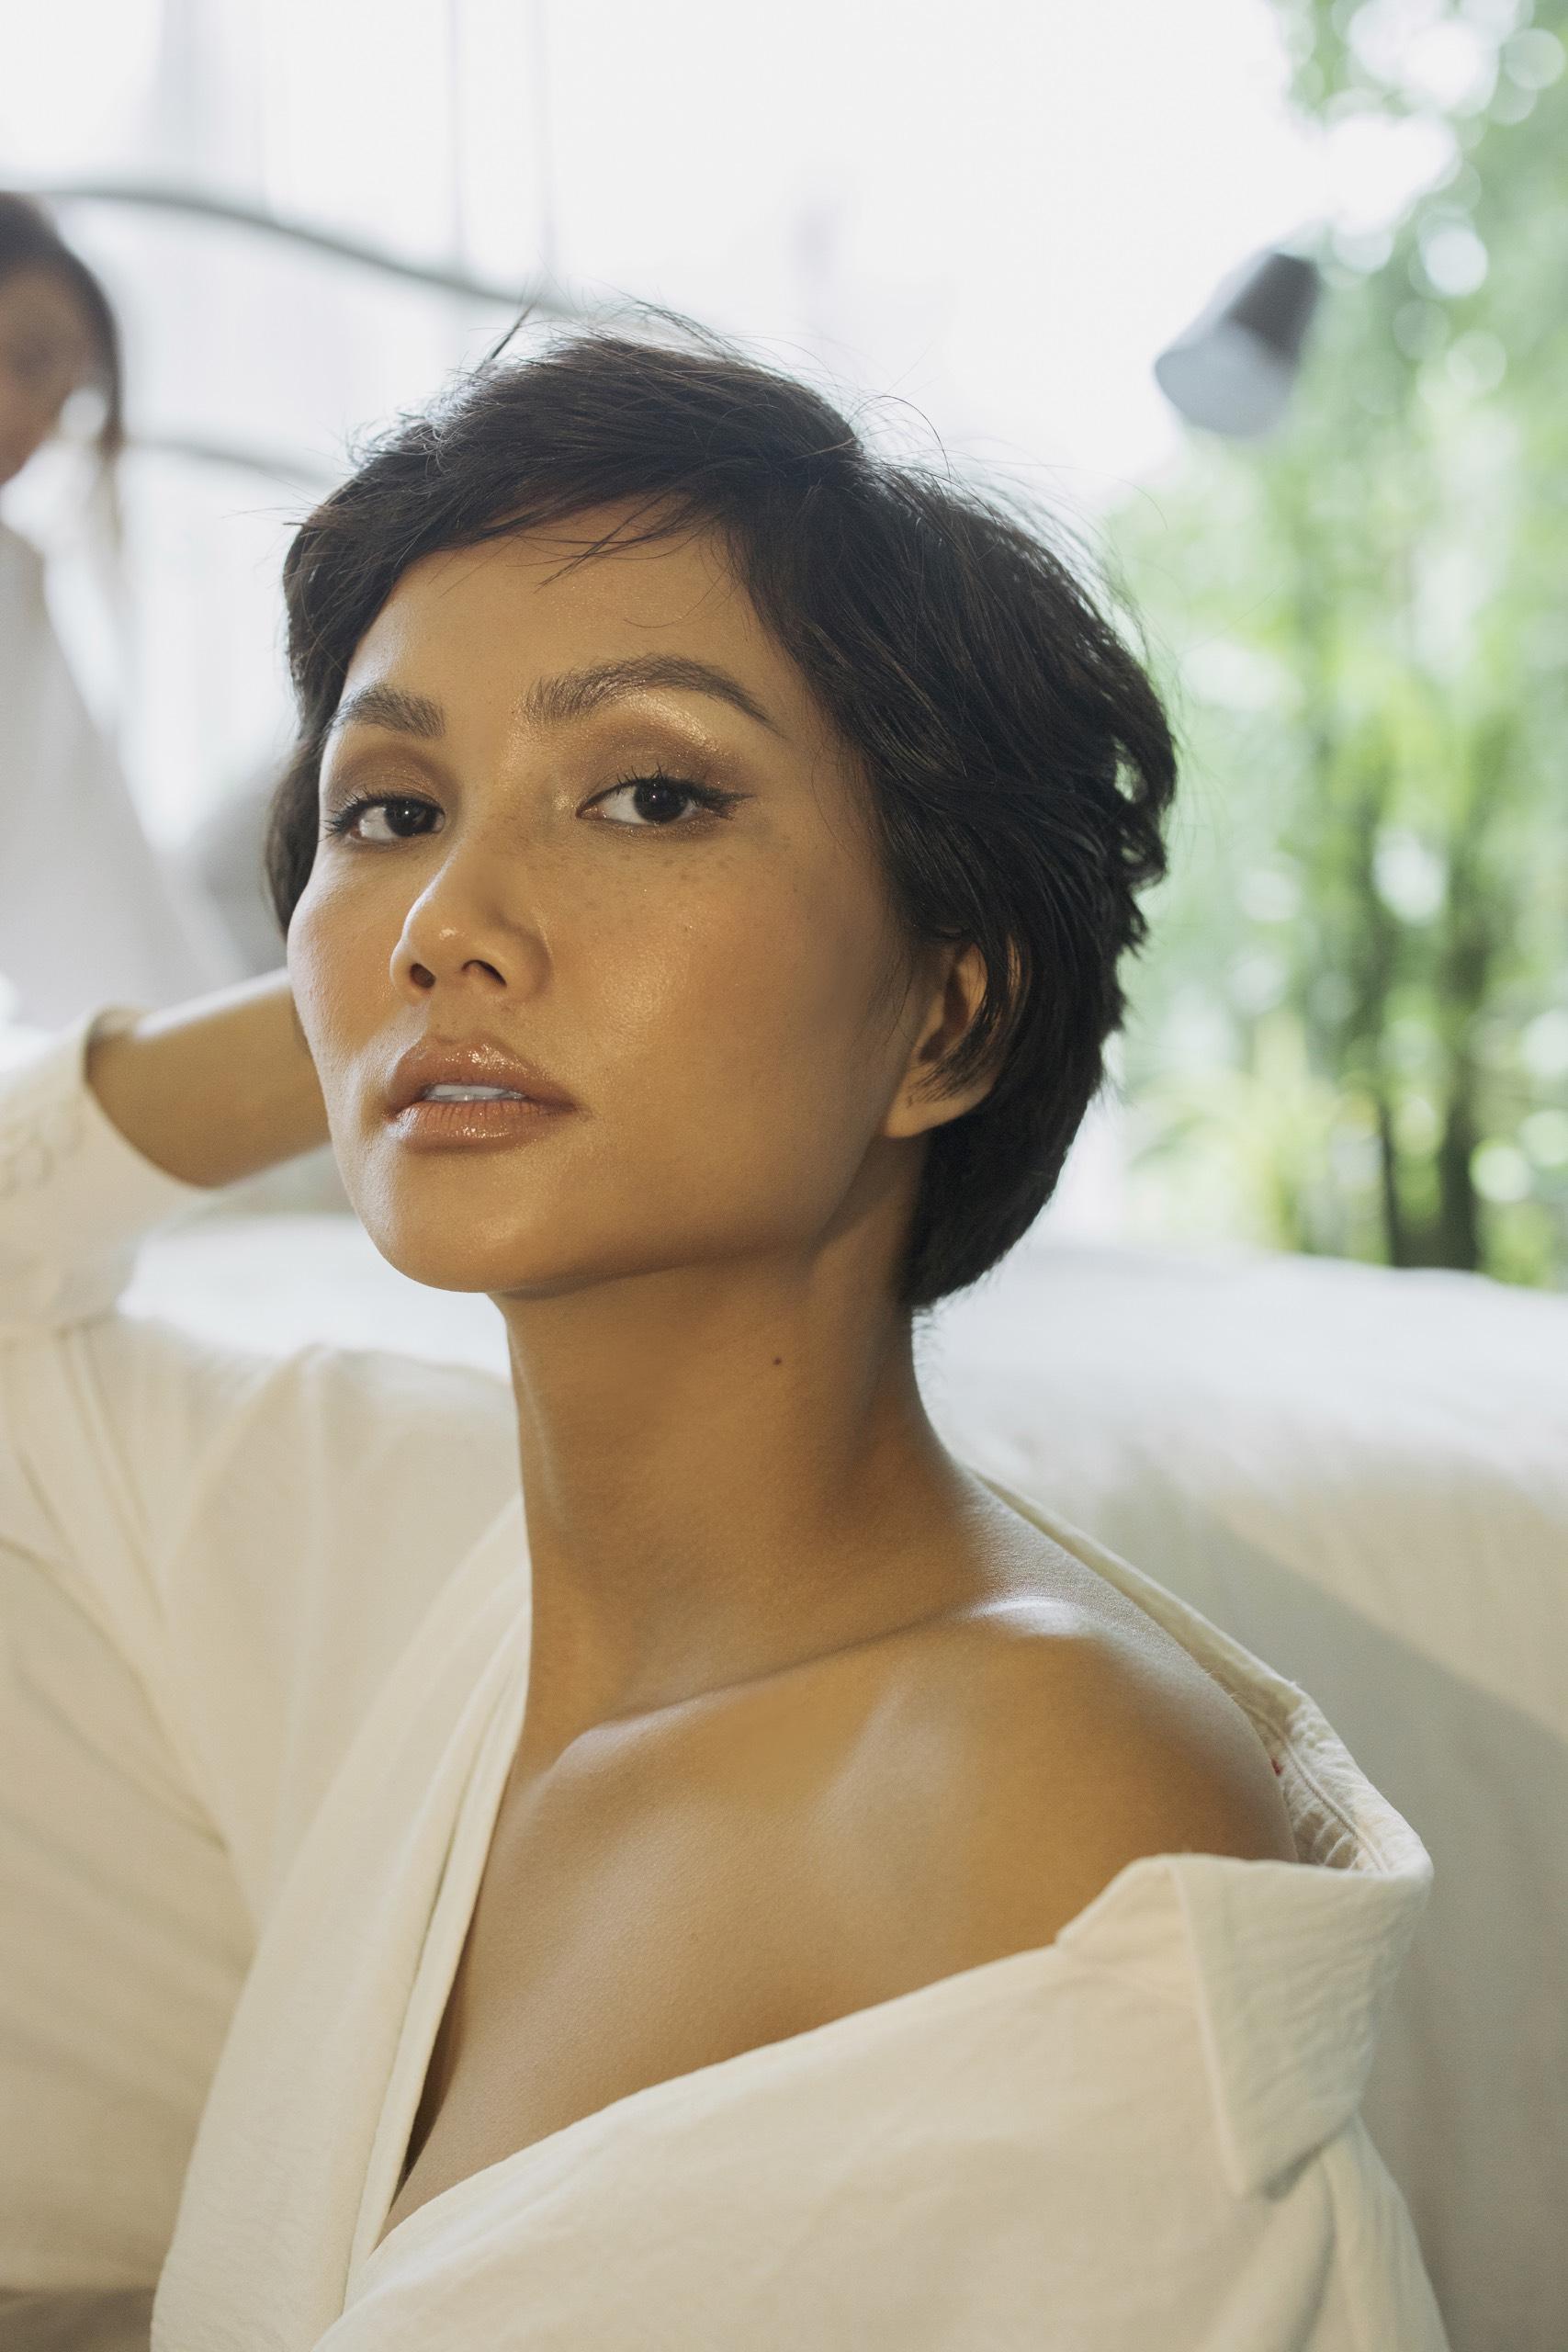 Hoa hậu H'Hen Niê và Á hậu Lệ Hằng tung bộ ảnh mặt mộc mừng về nhất tập 8 Cuộc Đua Kỳ Thú 2019